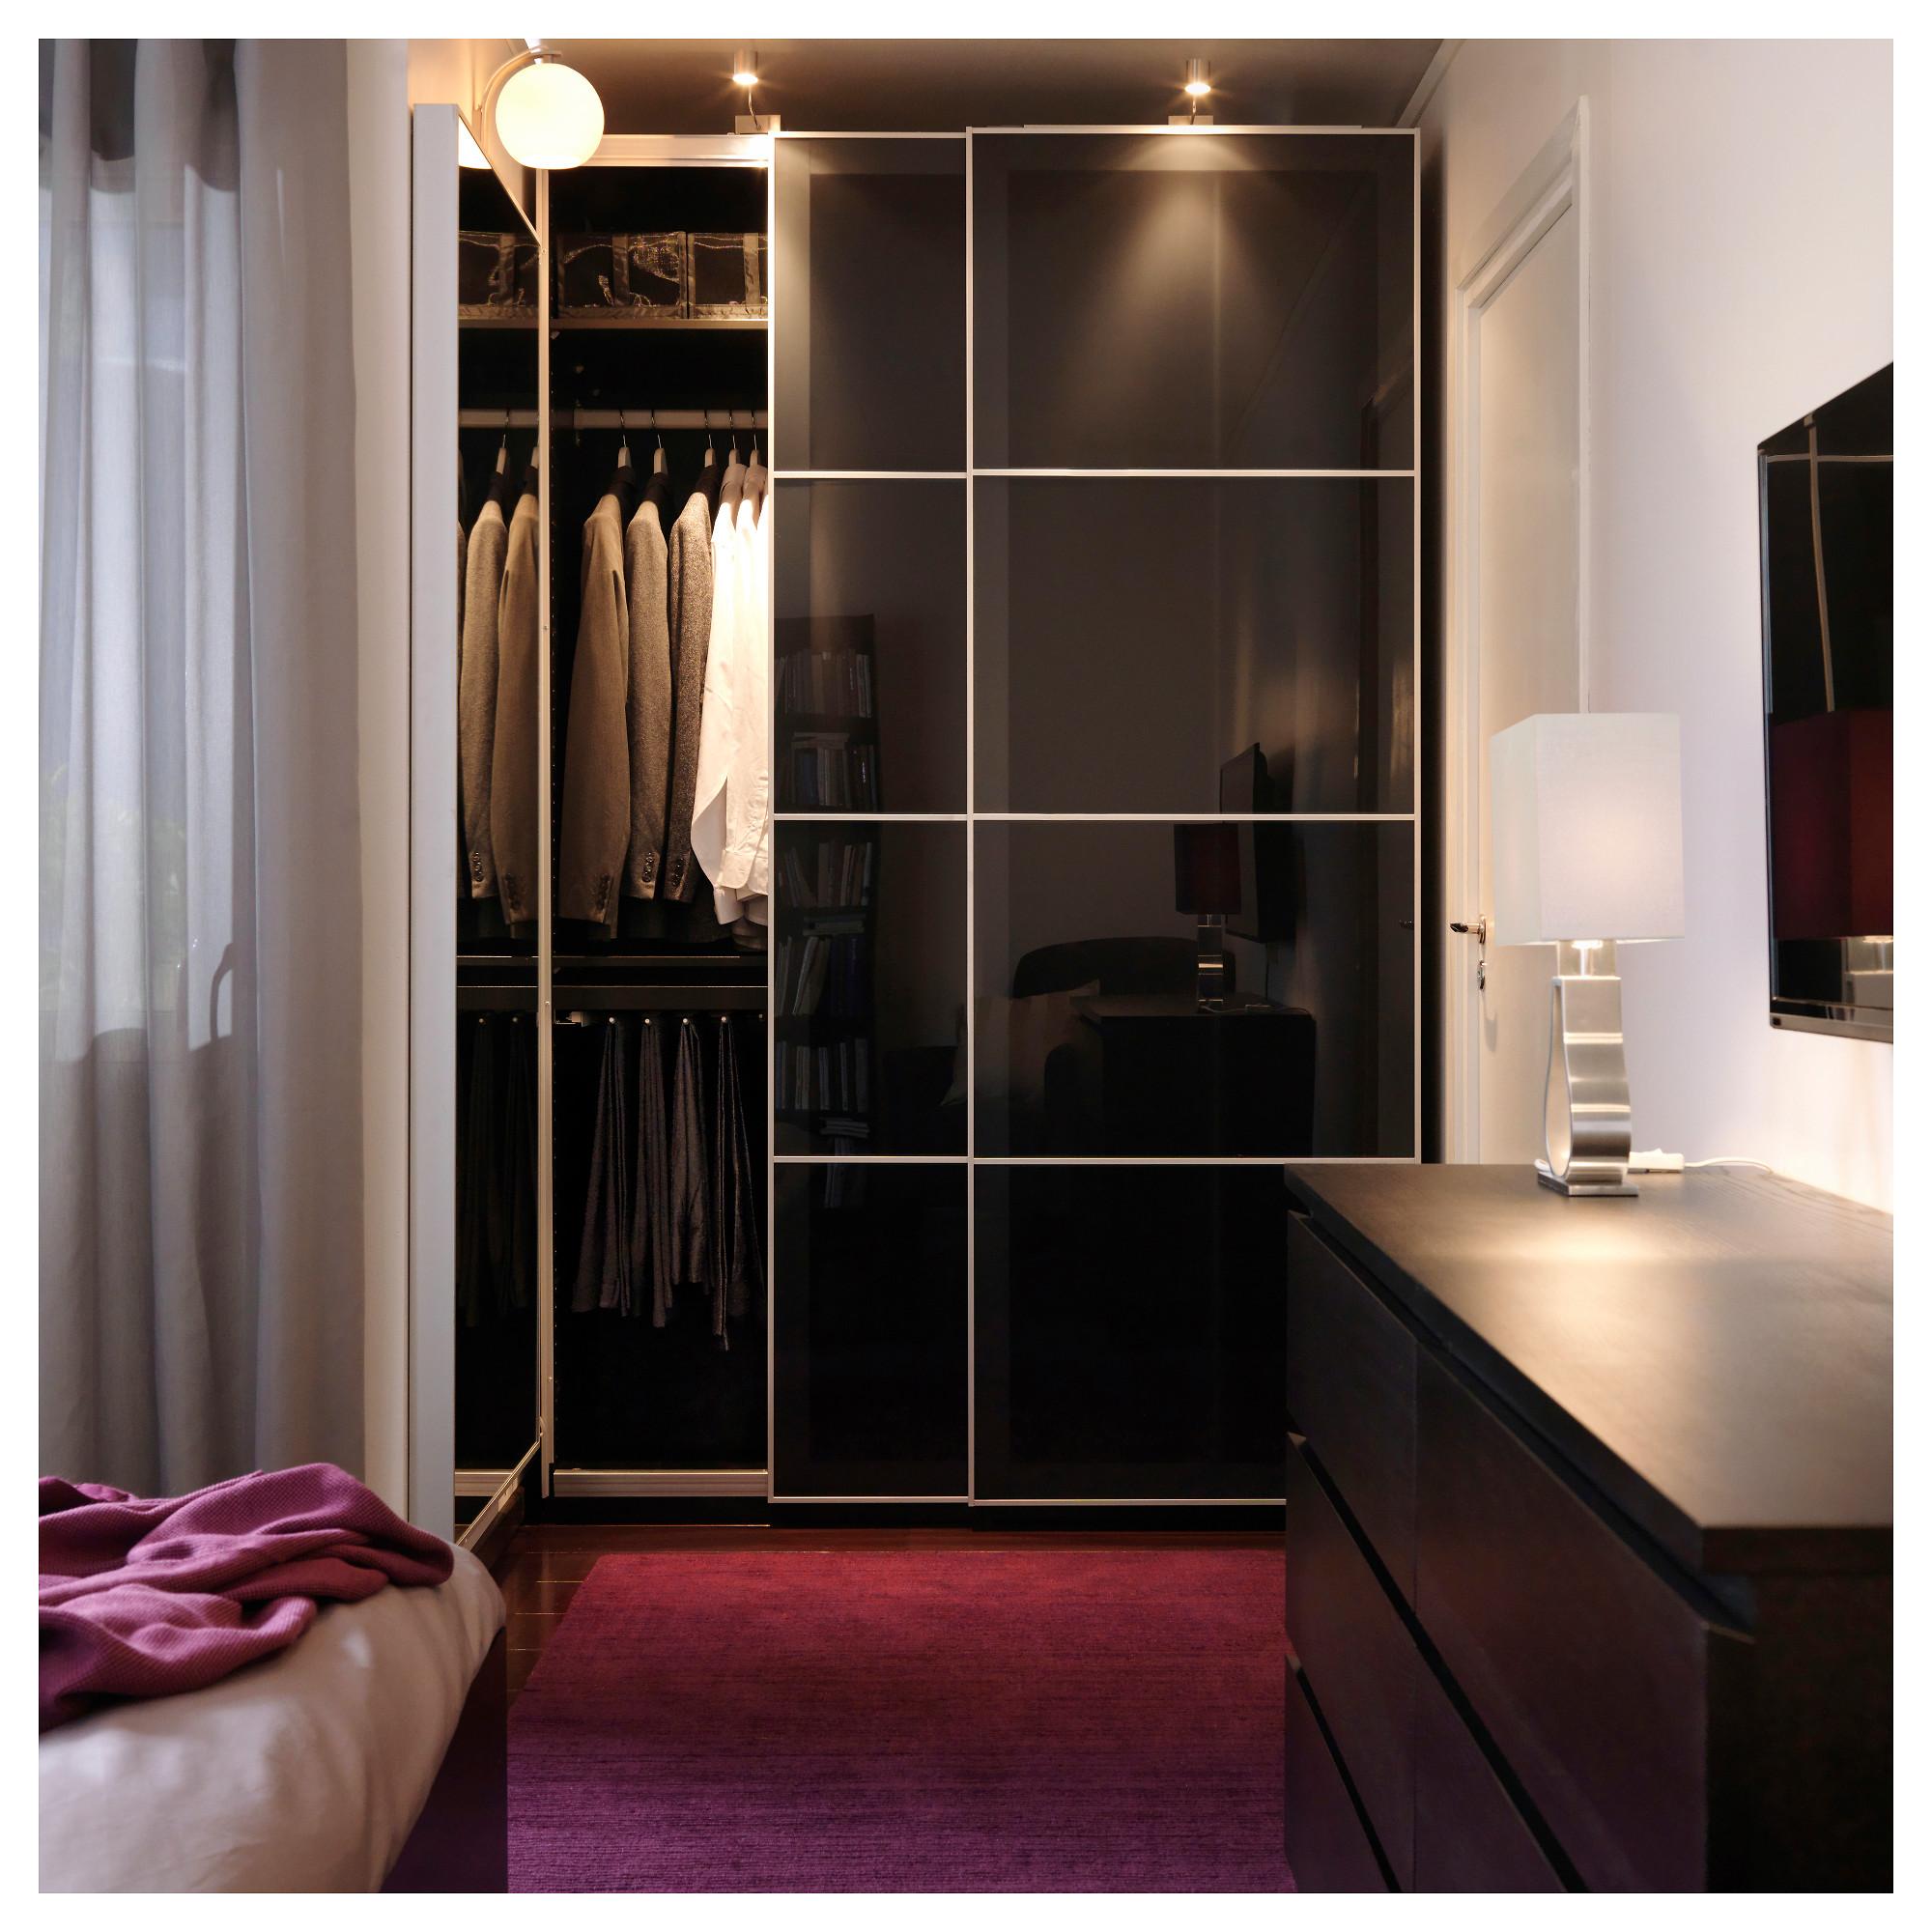 Черный шкаф, преимущества и недостатки, и как ухаживать.